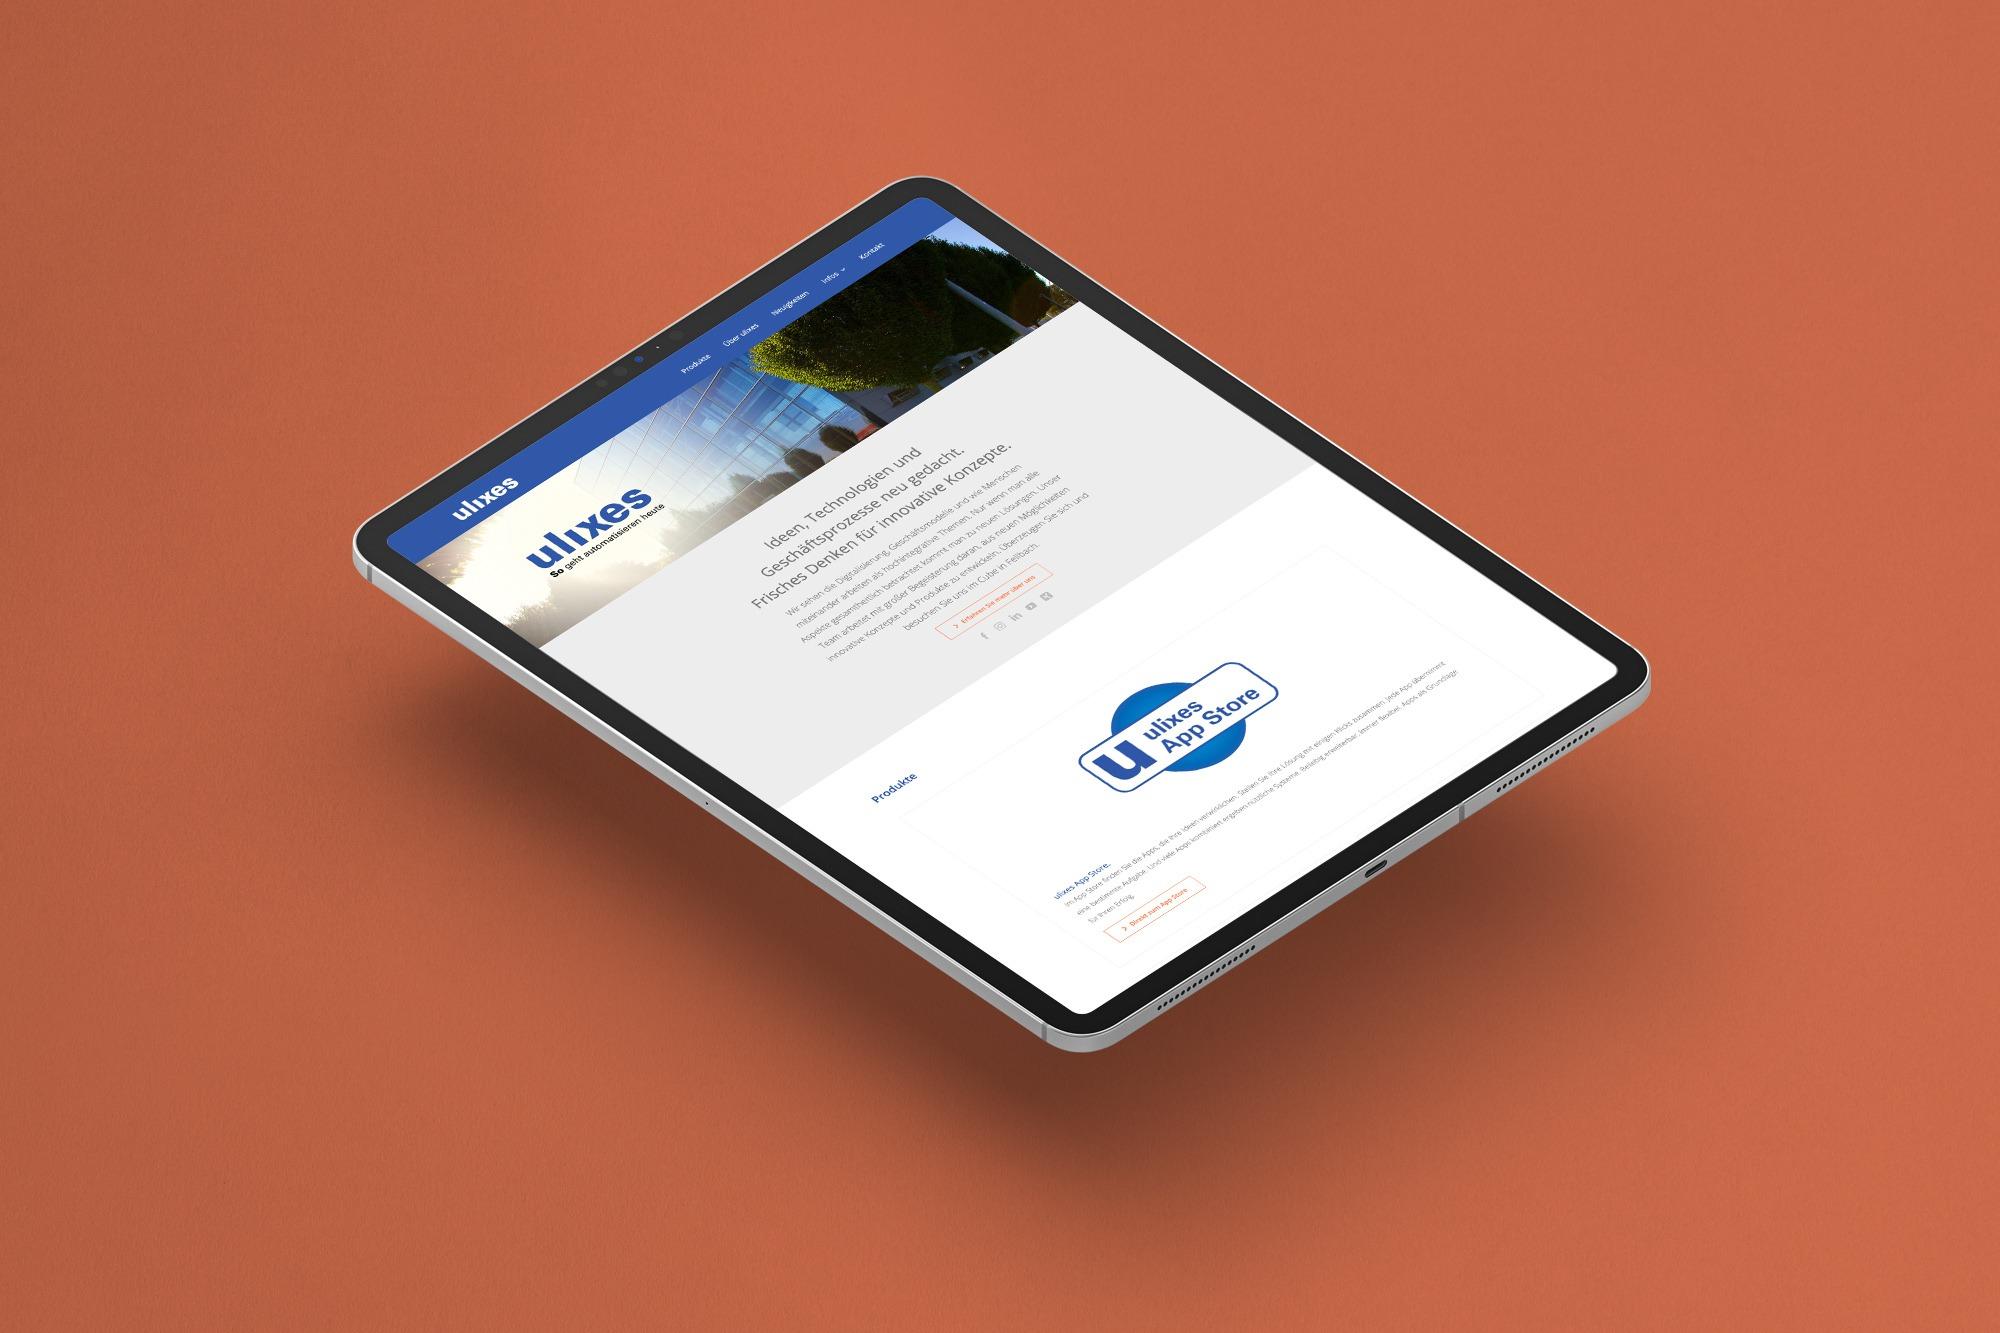 Studio dos, Grafikdesign Osnabrück, ulixes Robotersysteme Webseite auf orangefarbenem Hintergrund